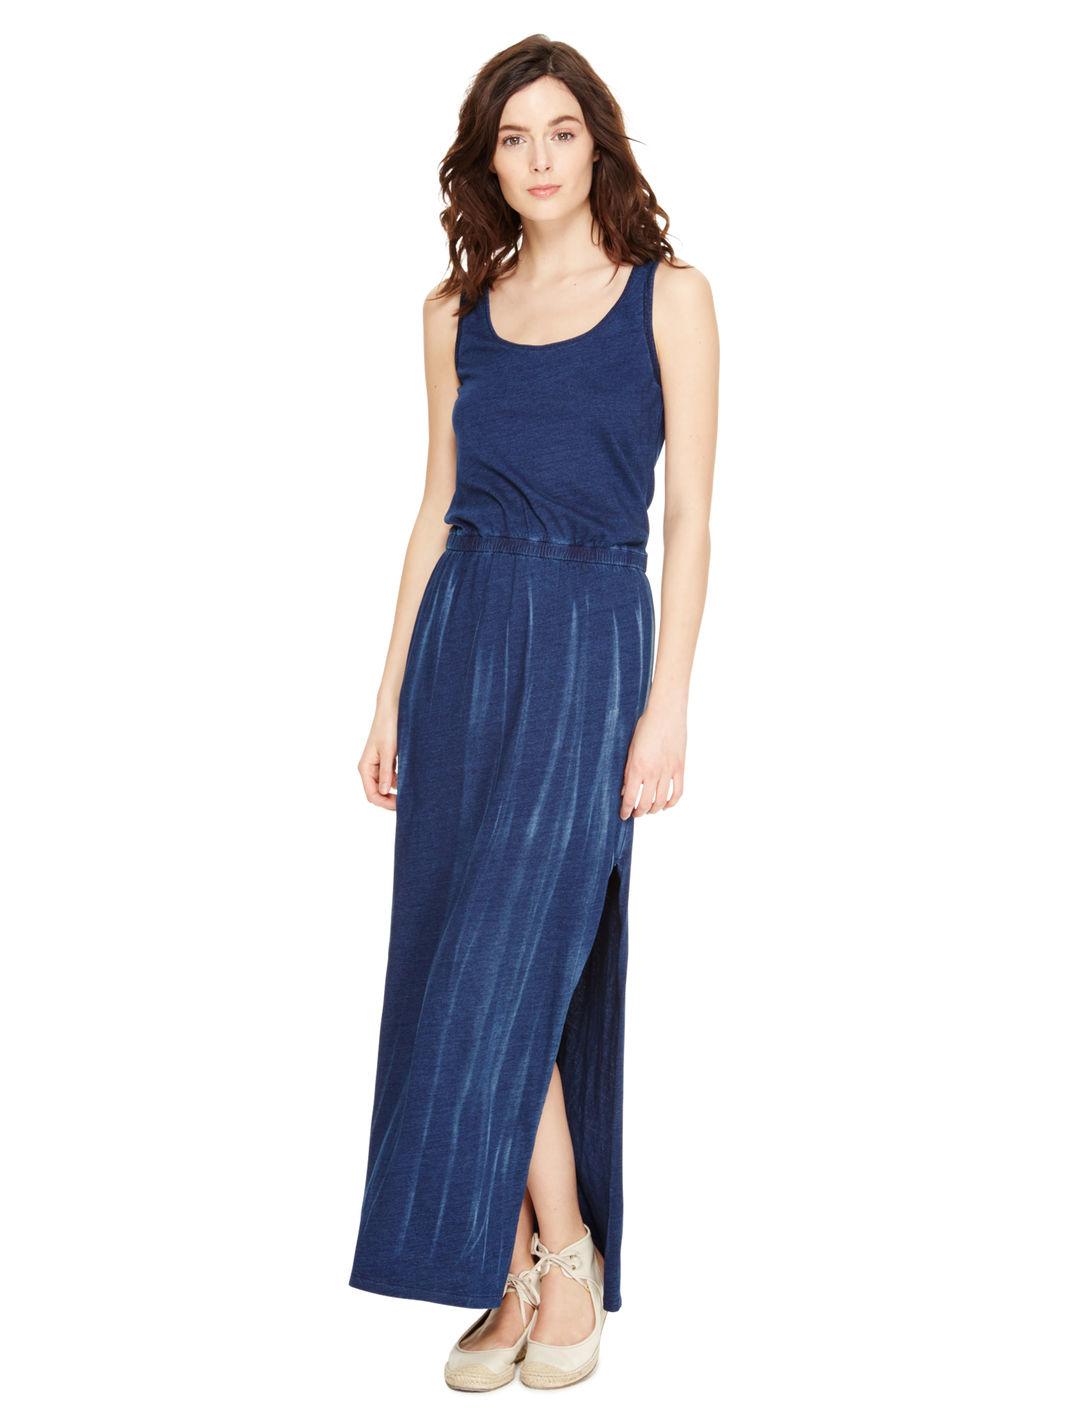 Dkny Jeans Side Slit Maxi Dress in Blue  Lyst